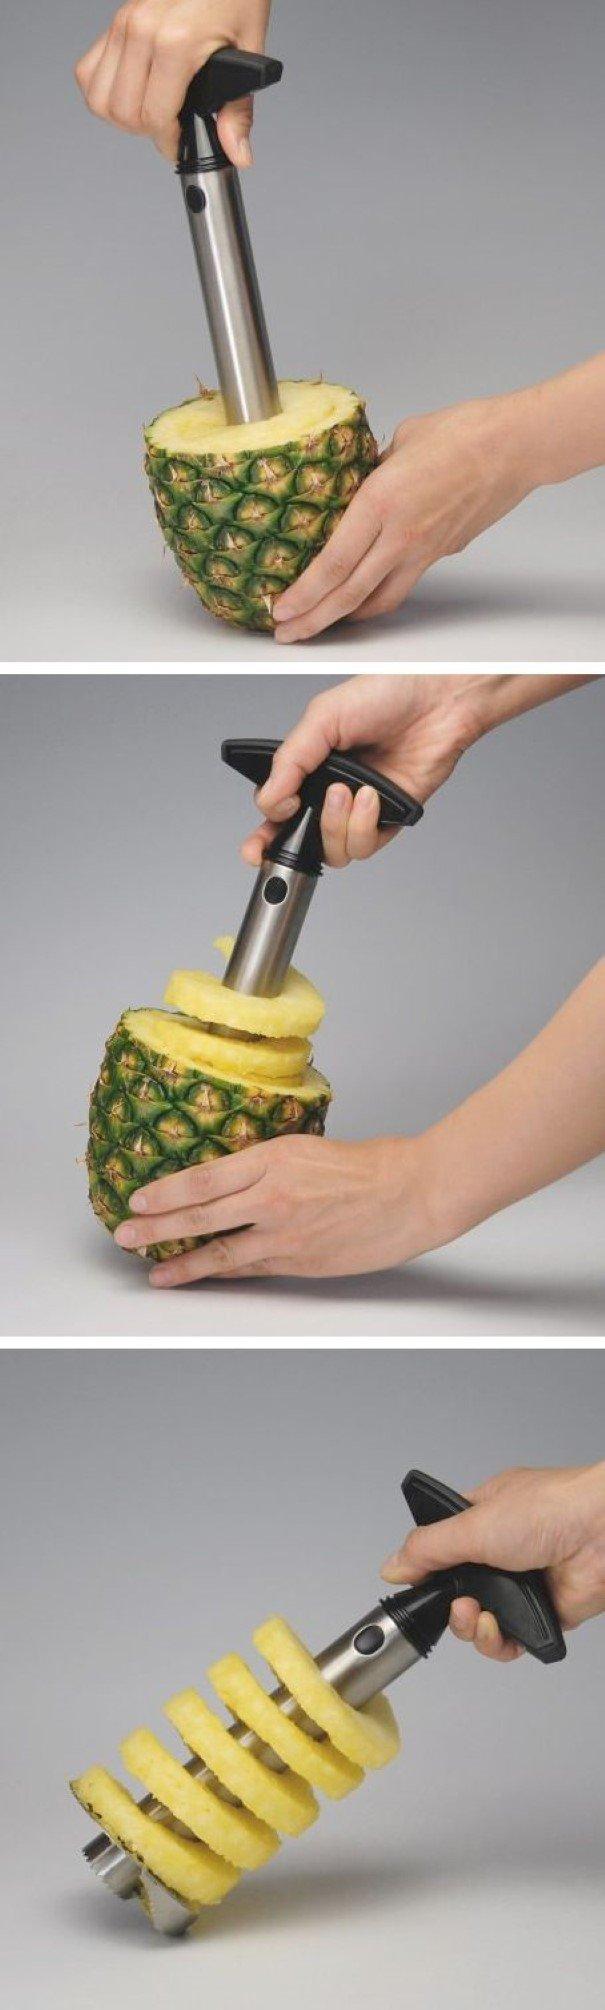 #3 - Comer um abacaxi nunca foi tão fácil